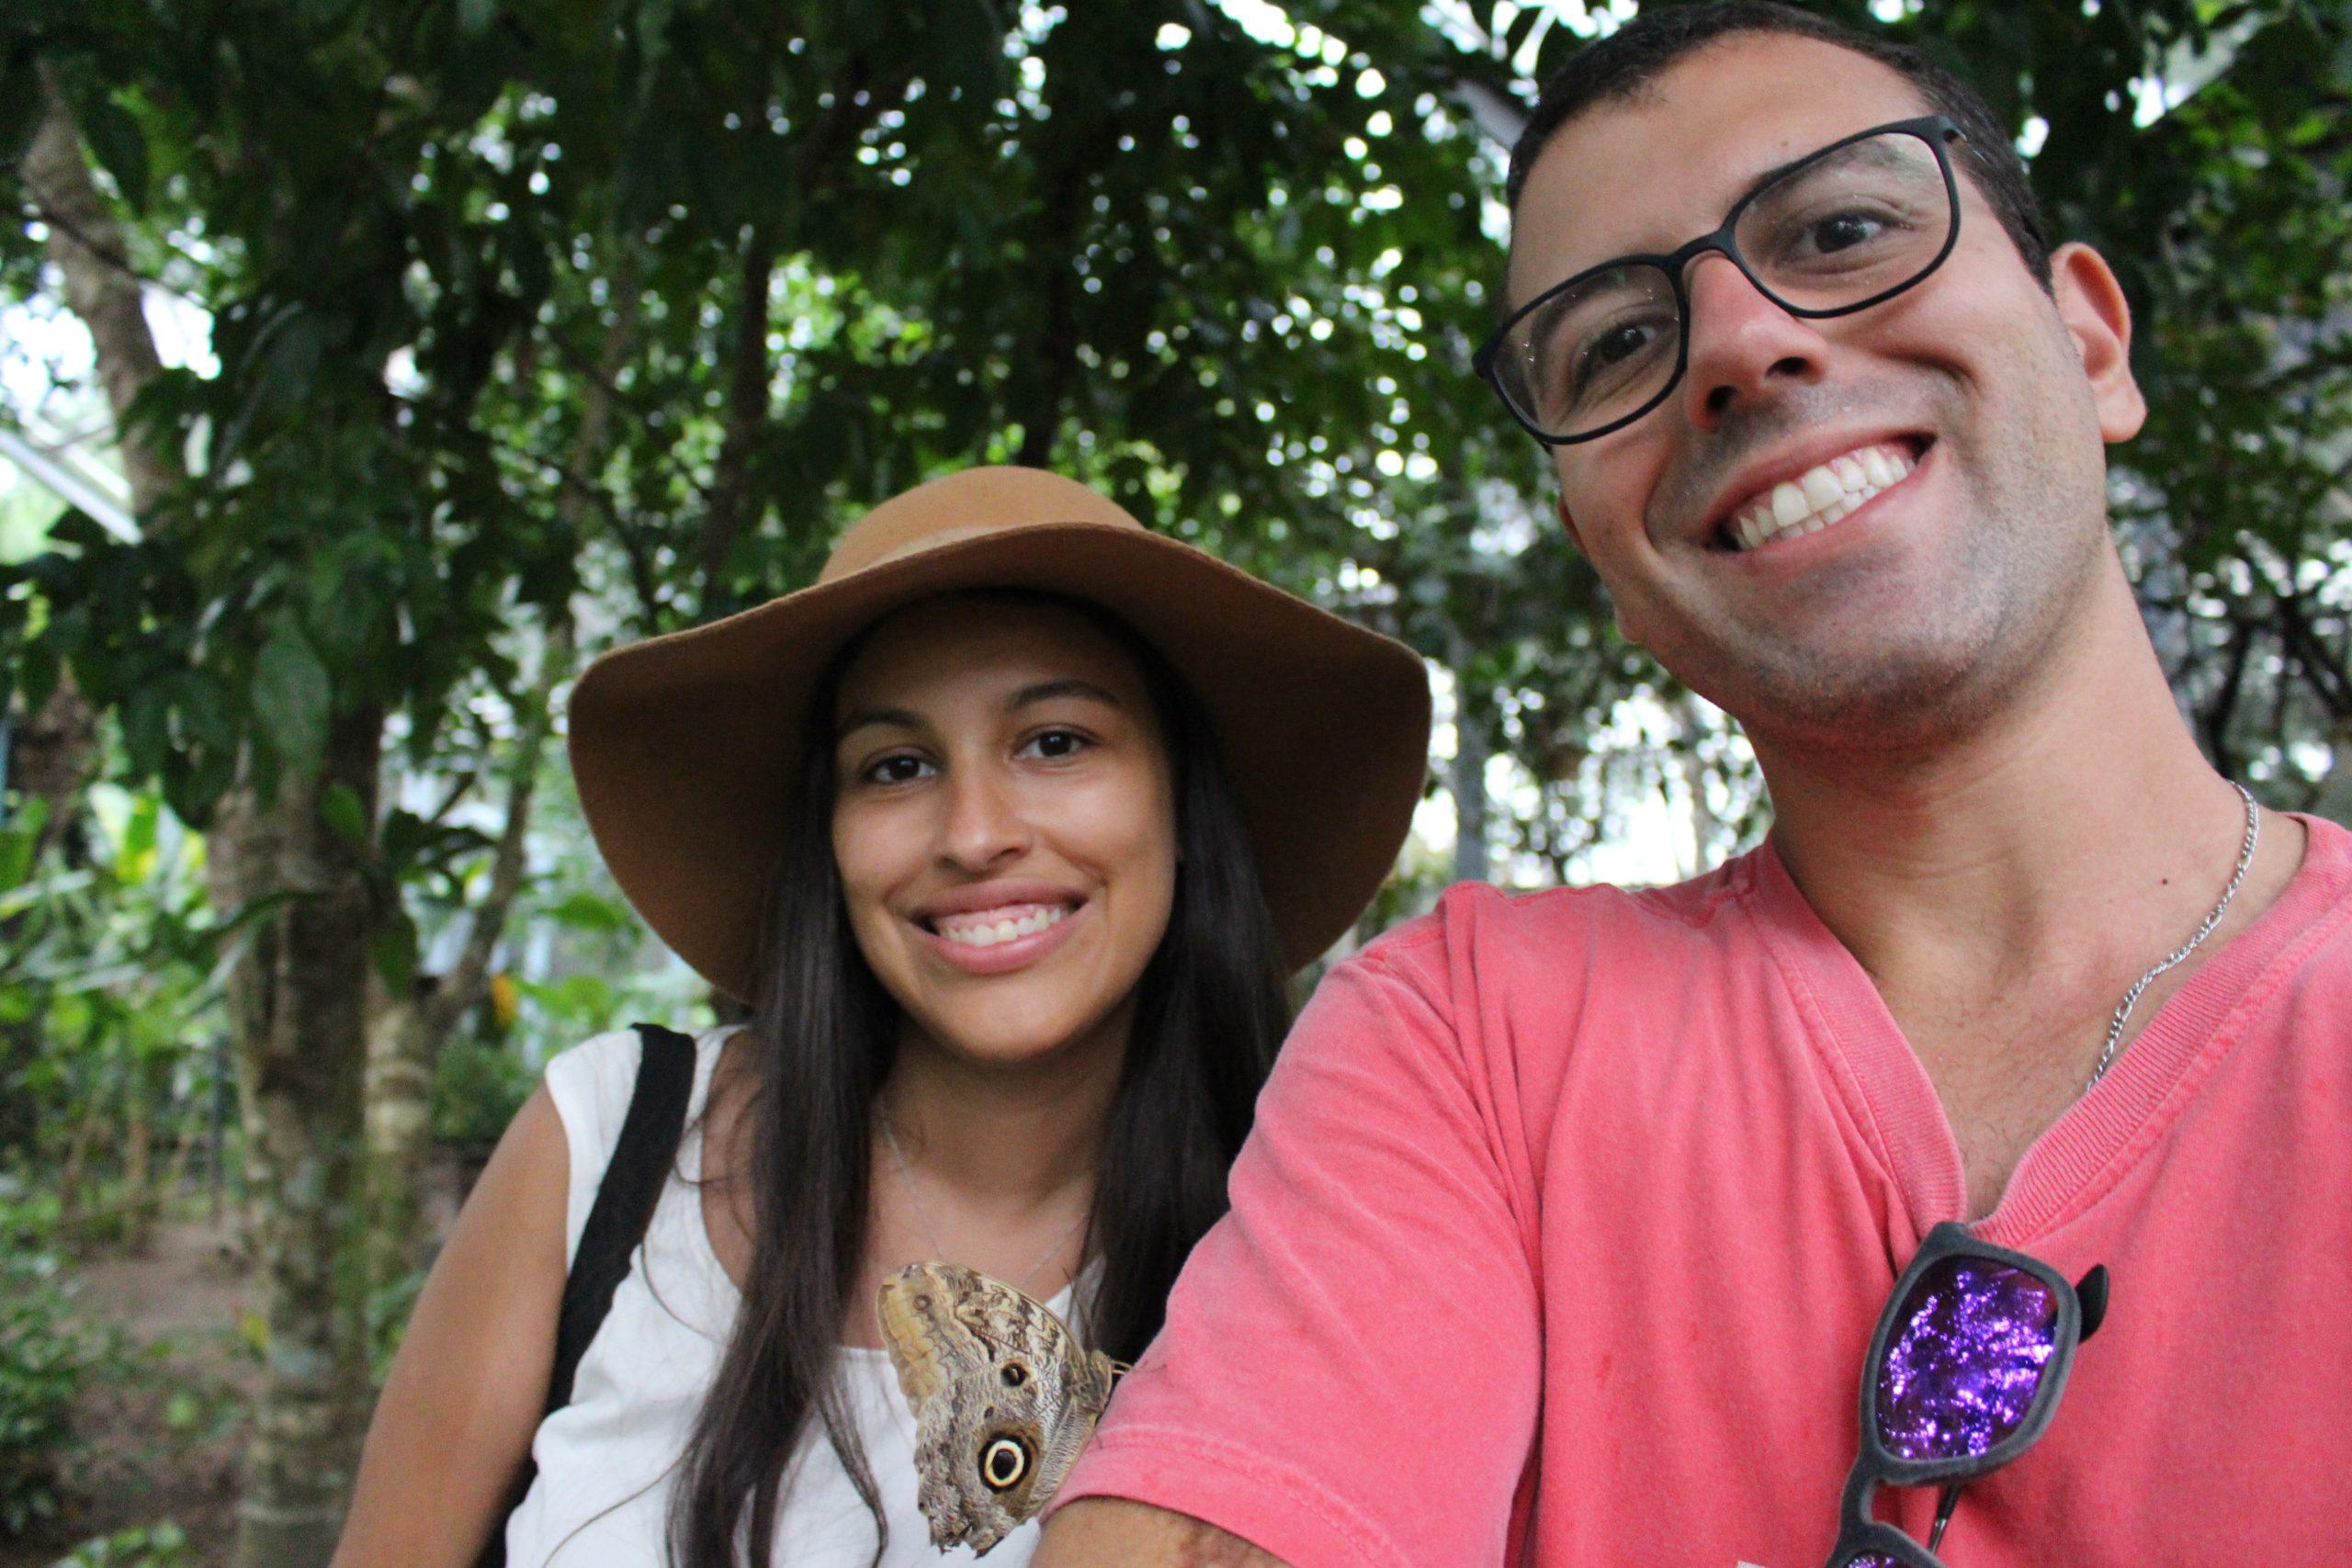 mangal_das_garcas_borboletario_viagem_no_detalhe